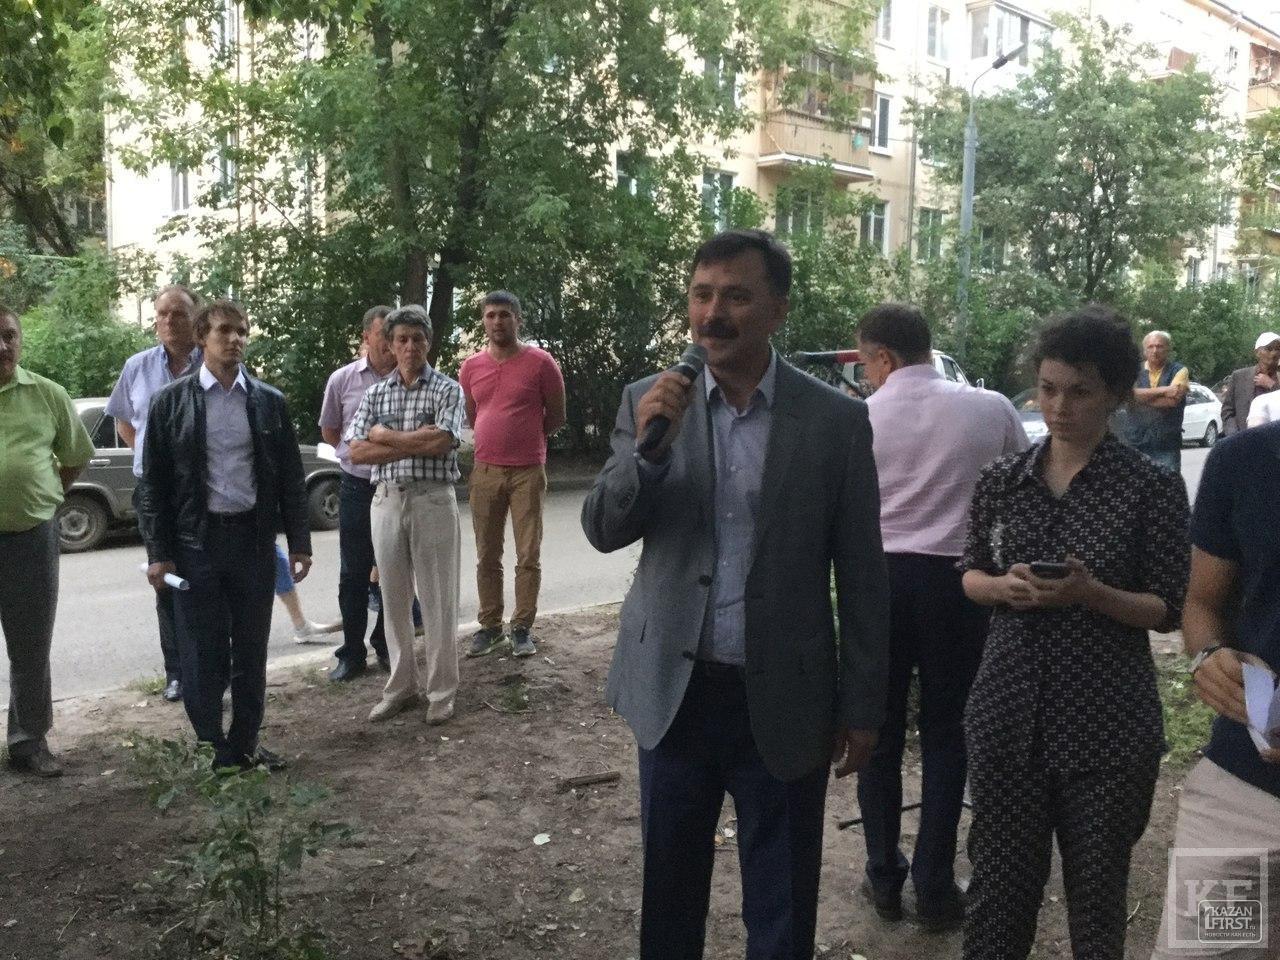 Сквер «Заря» в Казани стал предметом спора между местными жителями и представителями экстремальных видов спорта